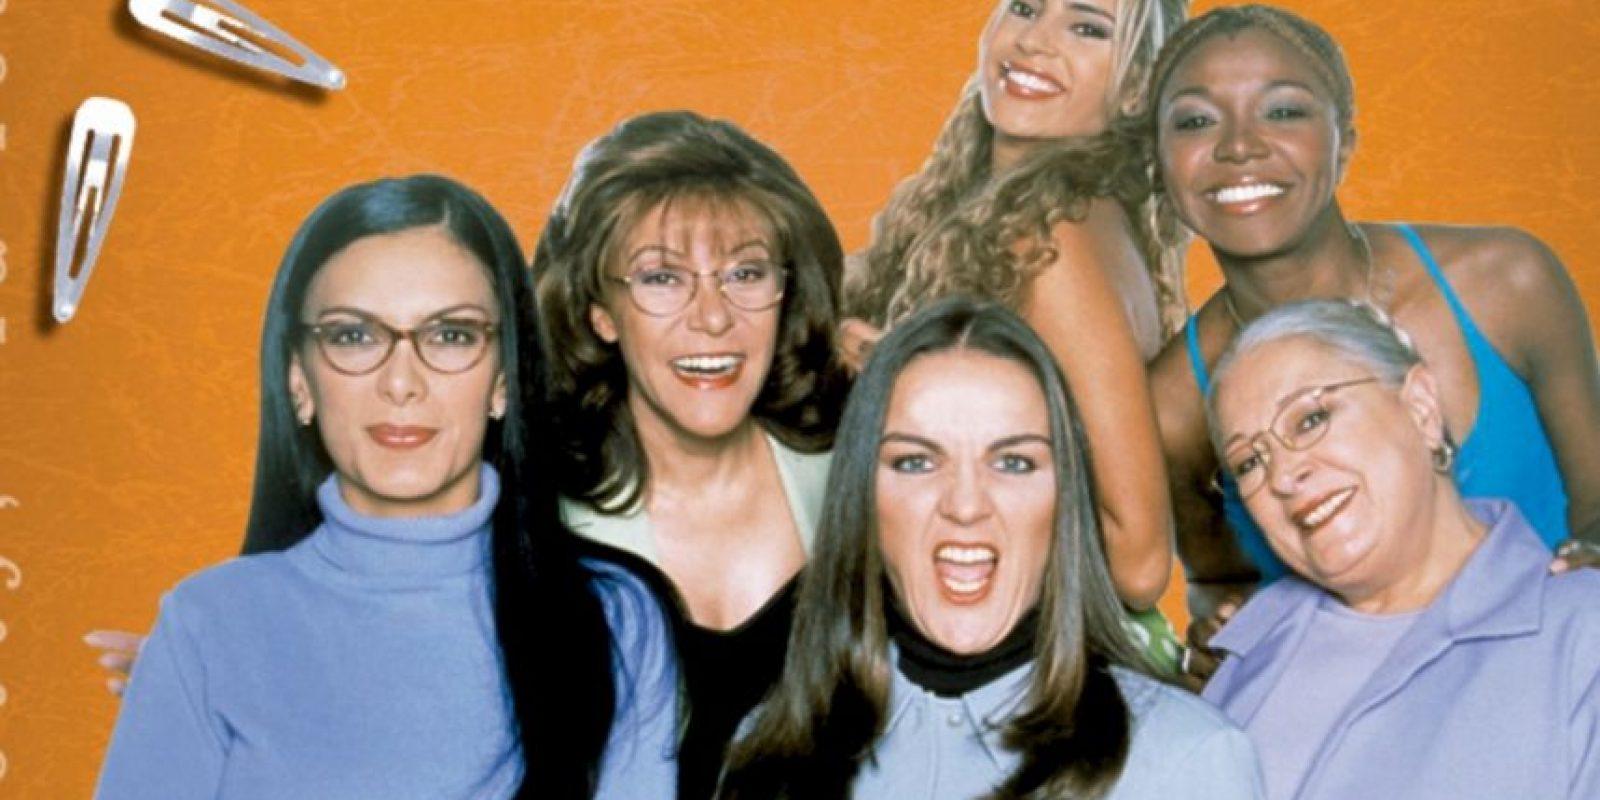 RCN Televisión Foto:El elenco tuvo una emotiva reunión